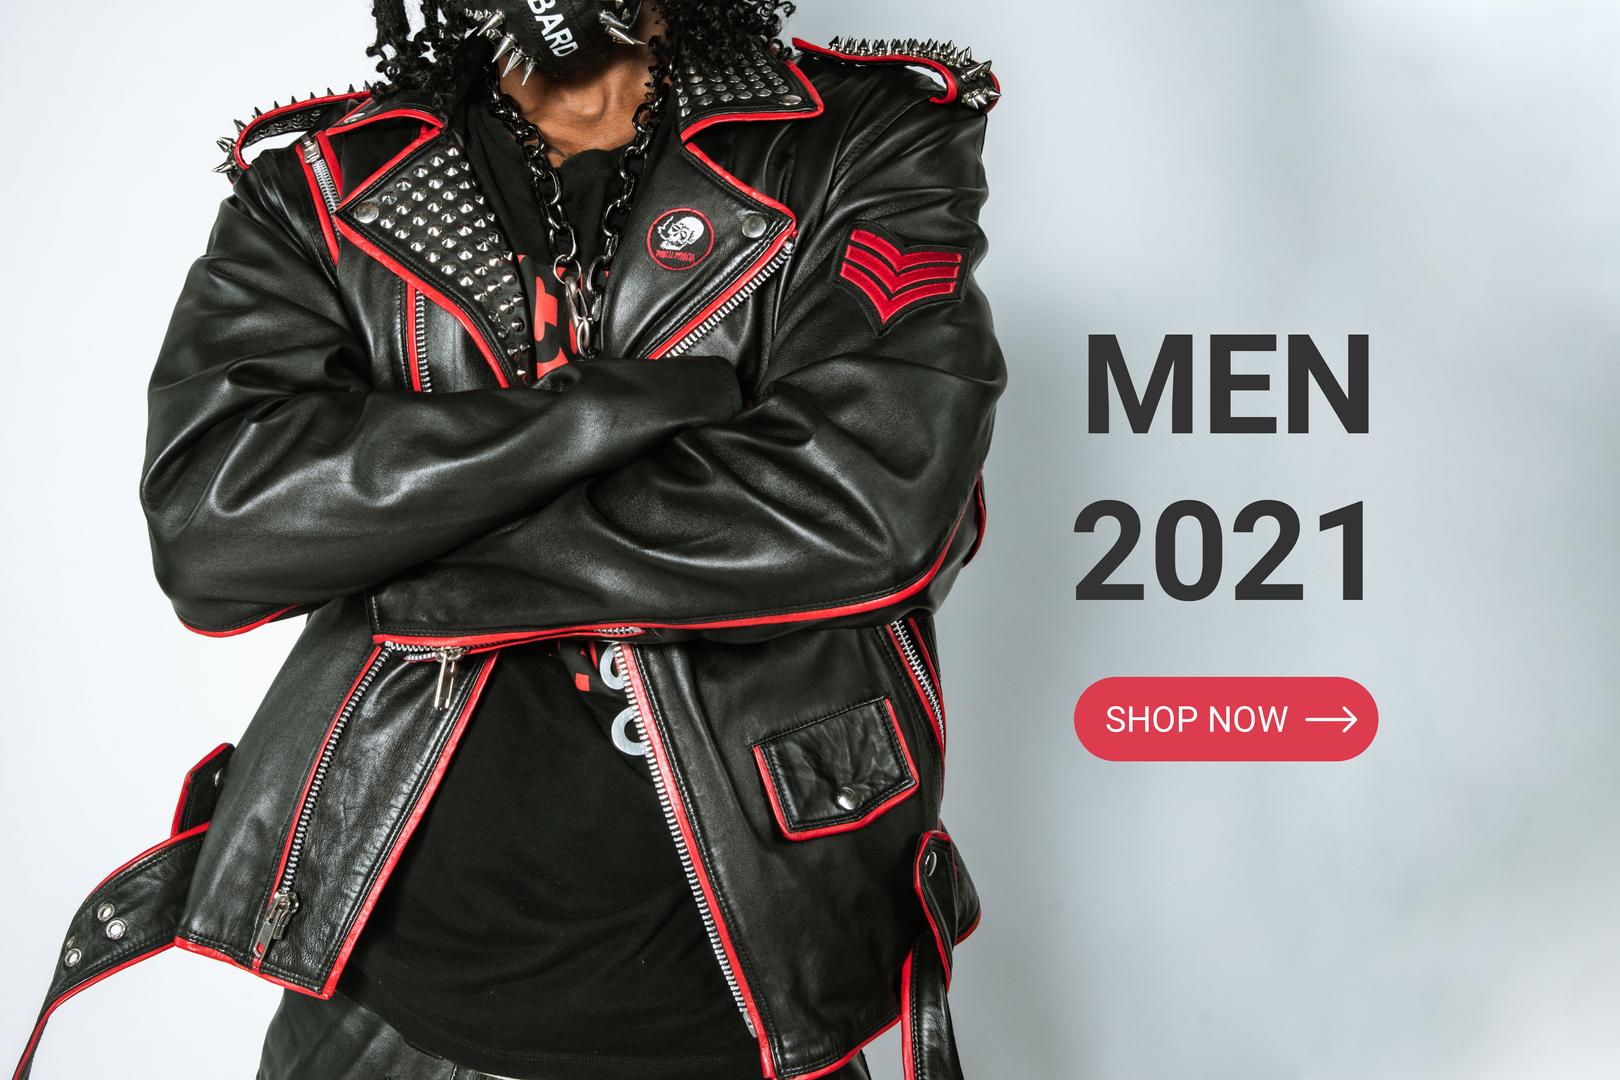 Men 2021 1.png